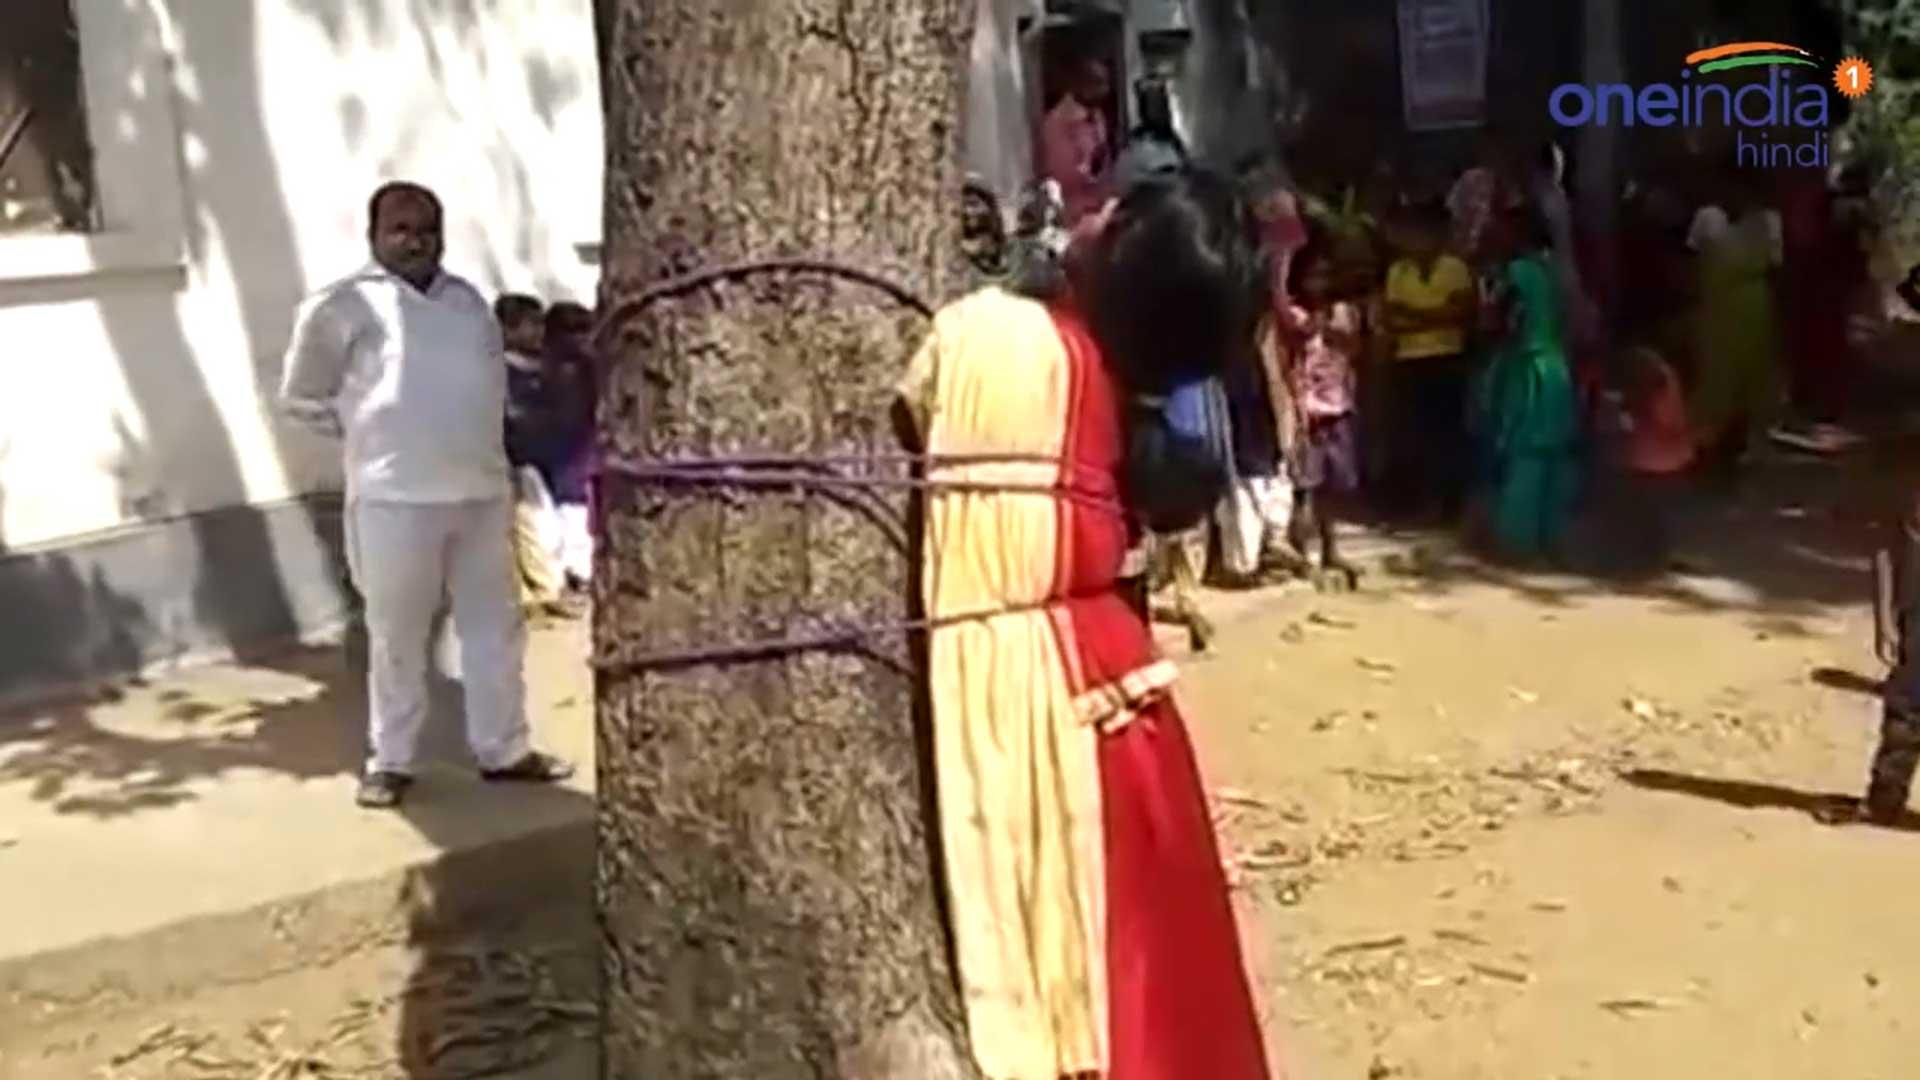 Resultado de imagen para Azotan a joven musulmana en público por fugarse con su novio hindú